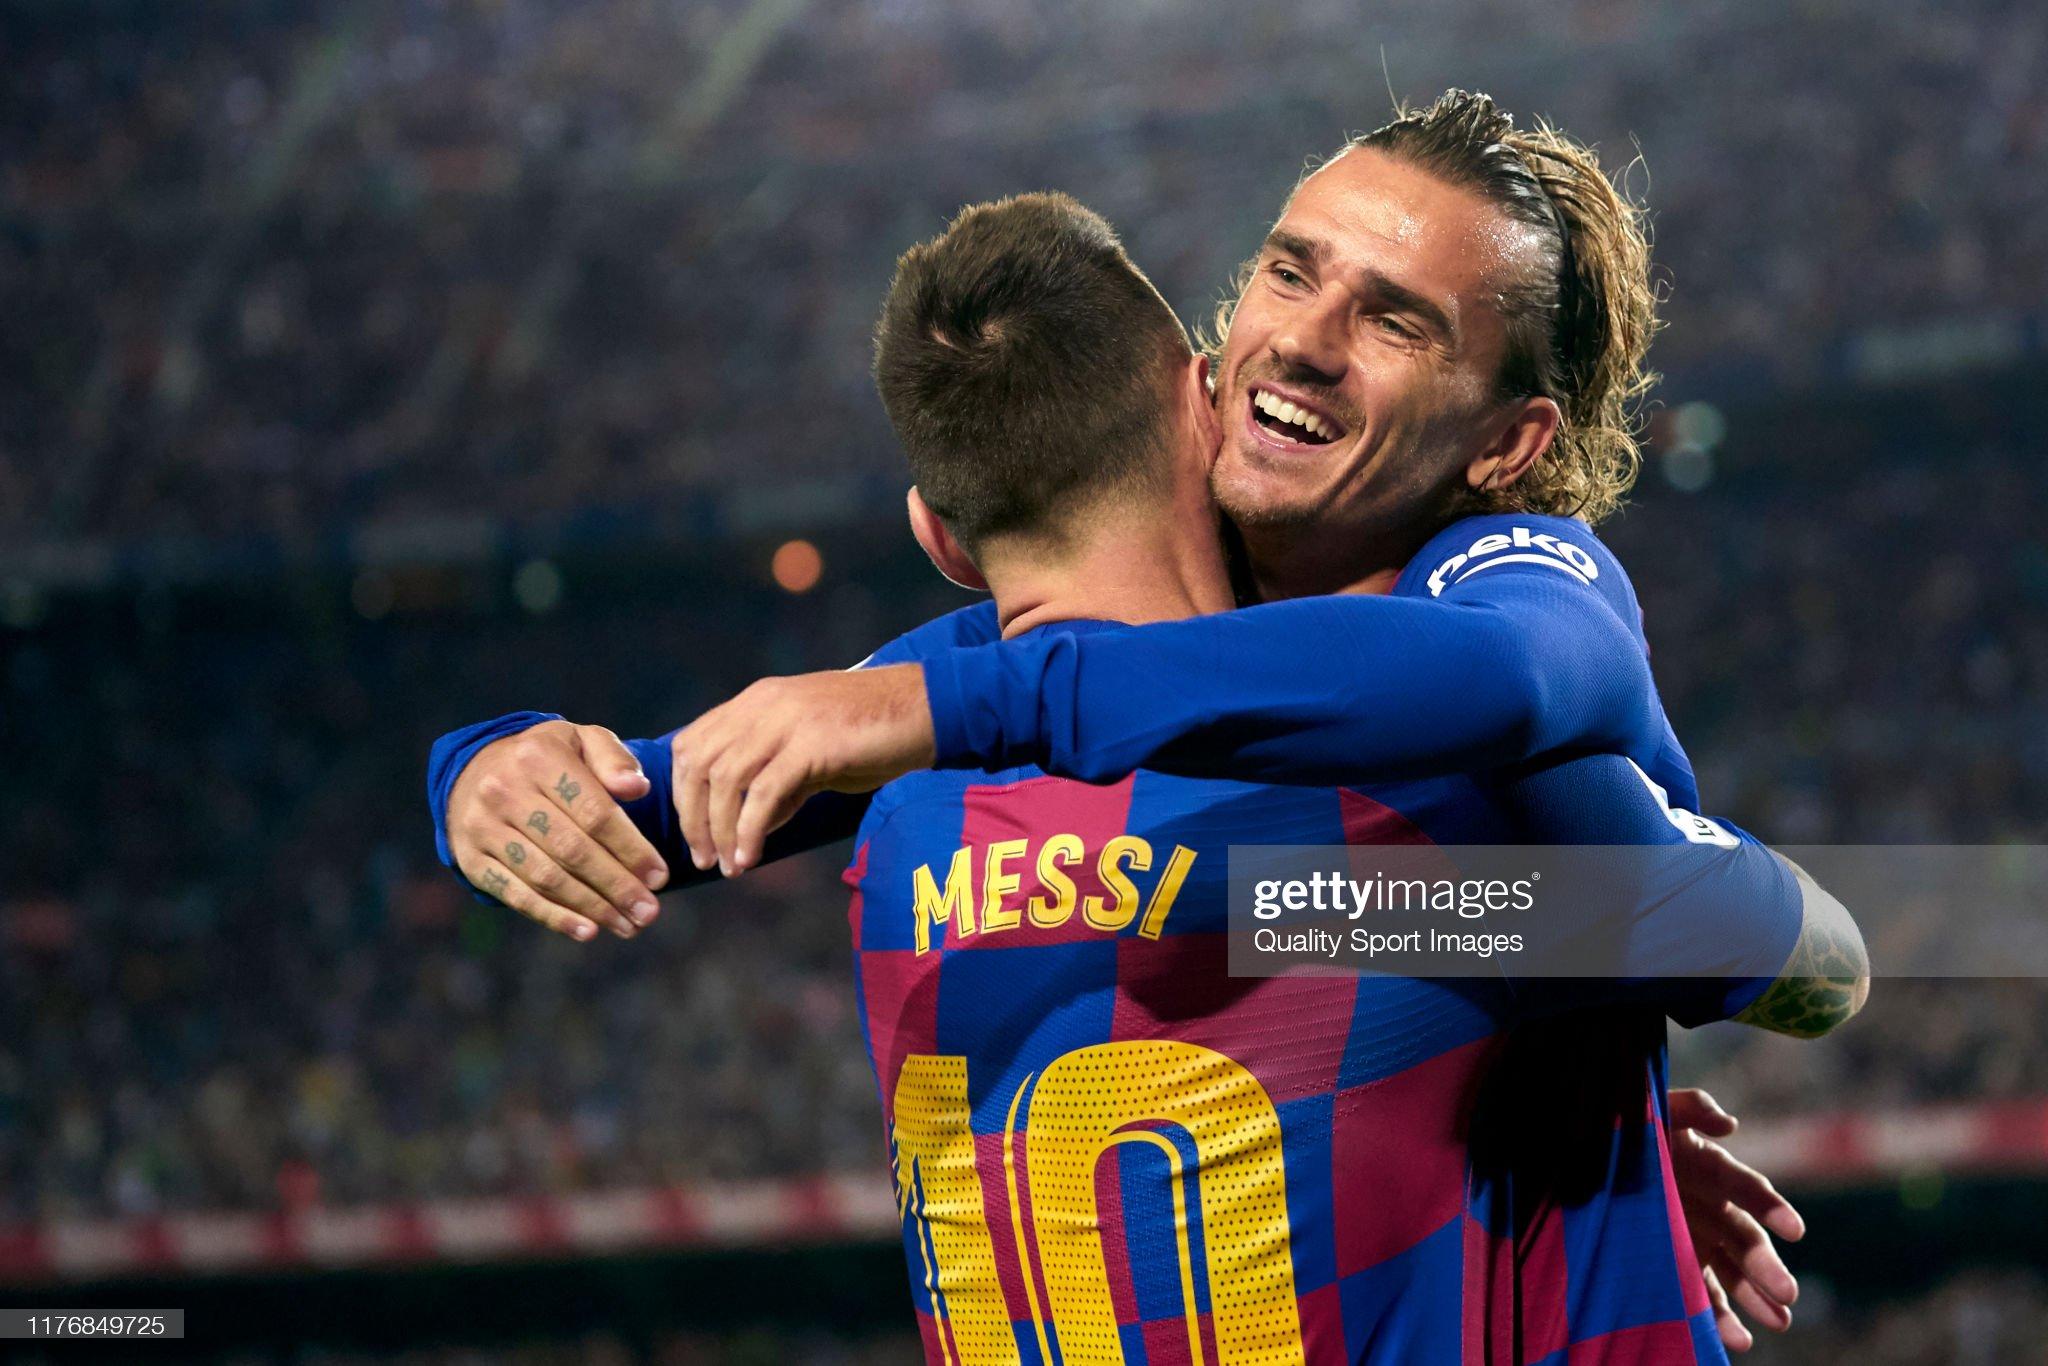 صور مباراة : برشلونة - فياريال 2-1 ( 24-09-2019 )  Antoine-griezmann-and-lionel-messi-of-fc-barcelona-celebrating-their-picture-id1176849725?s=2048x2048